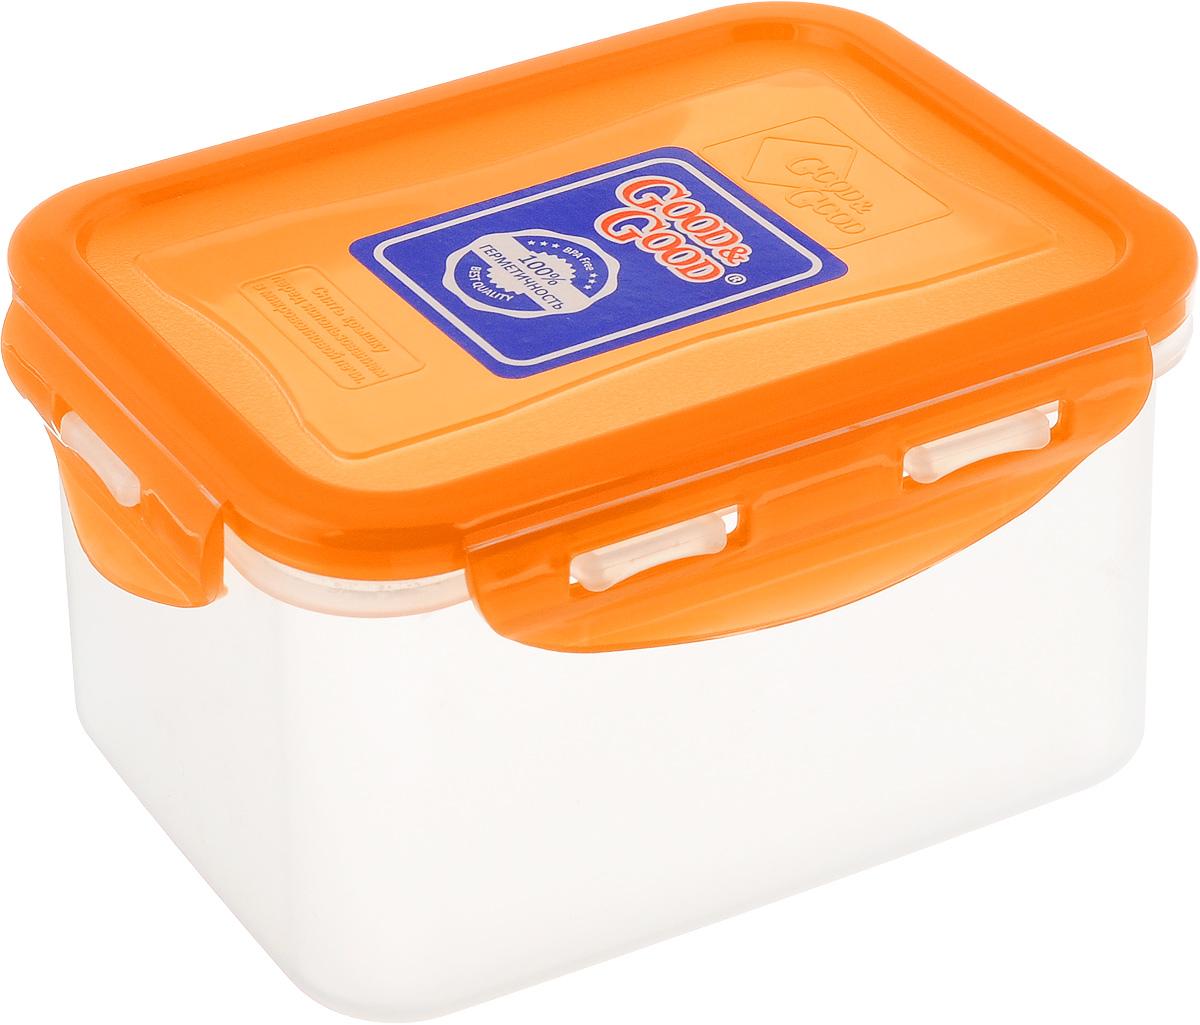 Контейнер пищевой Good&Good, цвет: прозрачный, оранжевый, 630 мл. B/COL 02-2B/COL 02-2Прямоугольный контейнер Good&Good изготовлен из высококачественного полипропилена и предназначен для хранения любых пищевых продуктов. Благодаря особым технологиям изготовления, лотки в течение времени службы не меняют цвет и не пропитываются запахами. Крышка с силиконовой вставкой герметично защелкивается специальным механизмом. Контейнер Good&Good удобен для ежедневного использования в быту. Можно мыть в посудомоечной машине и использовать в микроволновой печи. Размер контейнера (с учетом крышки): 13 х 10 х 8,5 см.